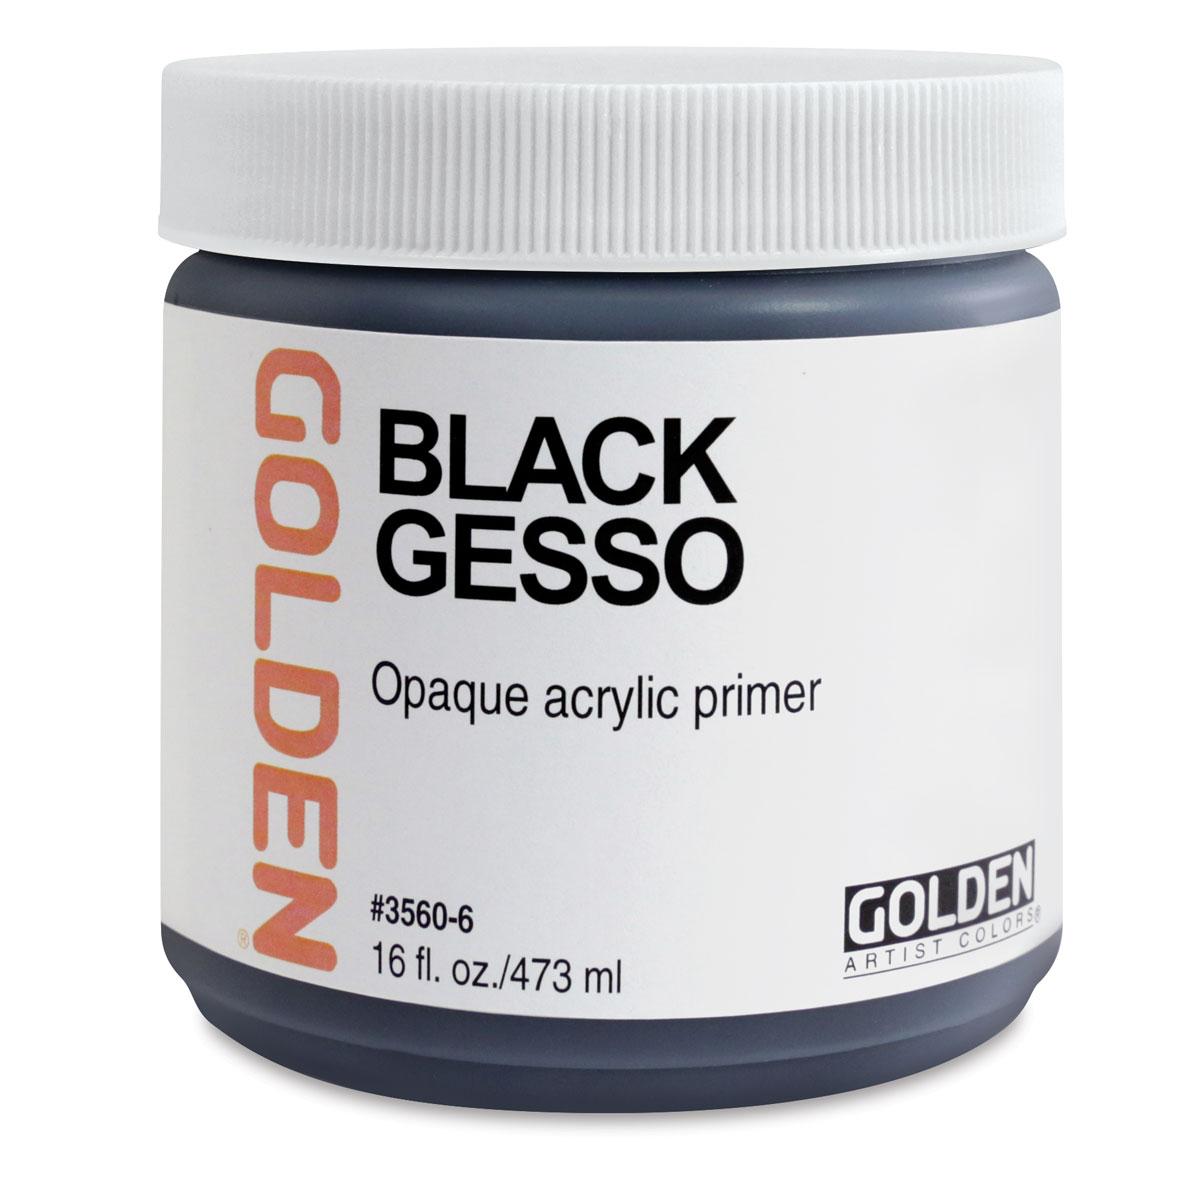 Golden Gesso - Black, 16 oz jar